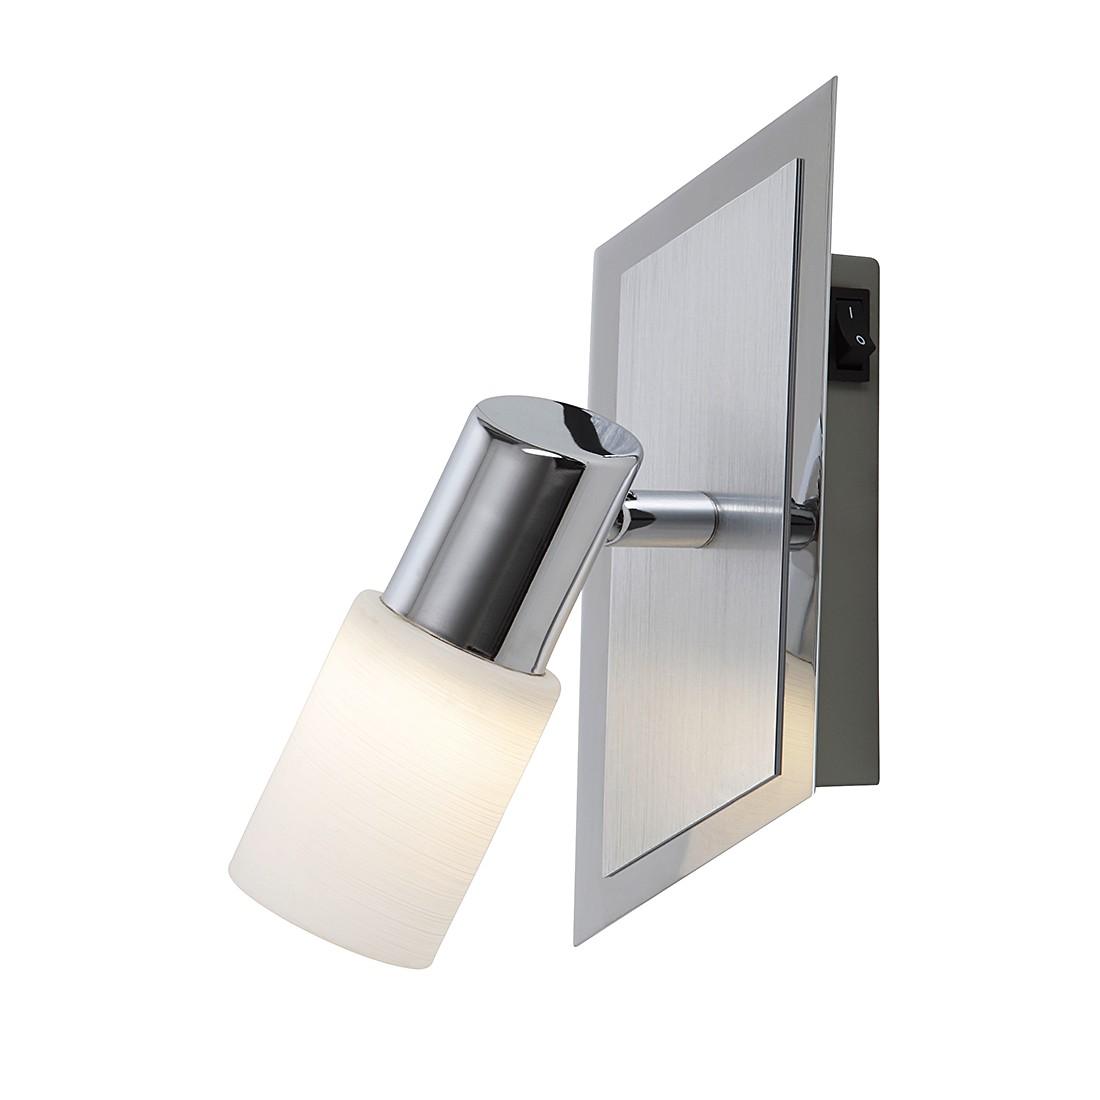 energie  A+, LED-spot - metaal/aluminium 1 lichtbron, Trio